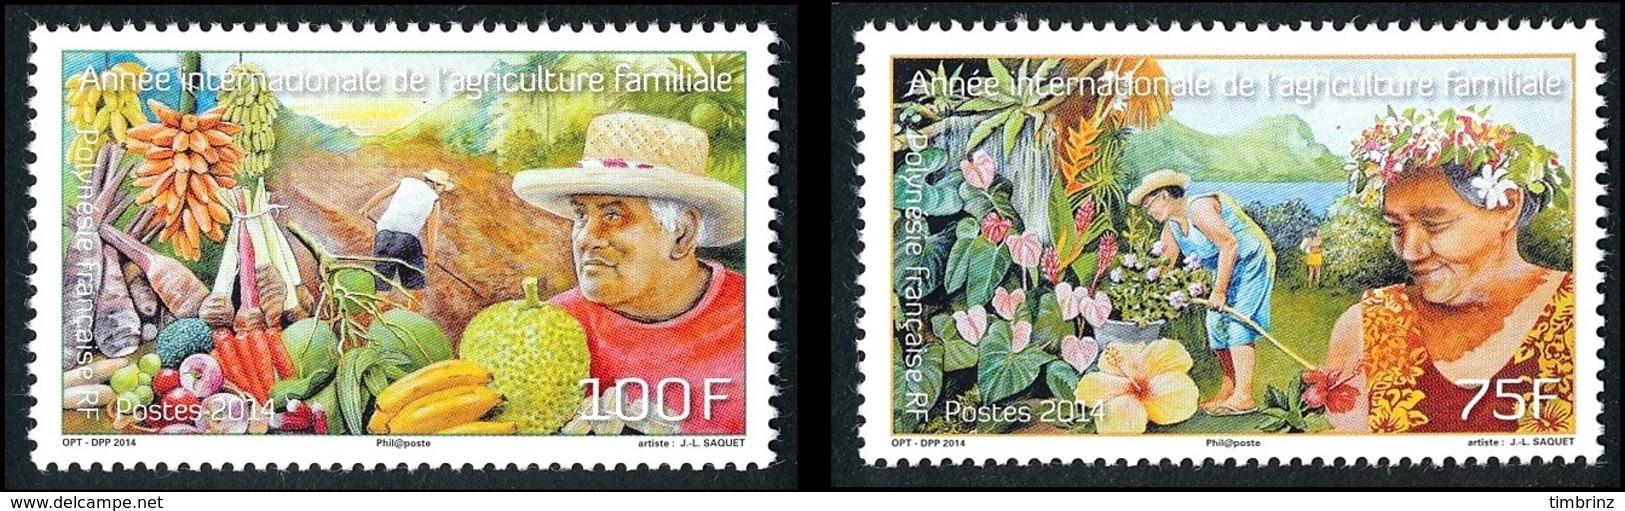 POLYNESIE 2014 - Yv. 1054 Et 1055 **  - Agriculture Familiale. Fleurs Et Fruits (2 Val.)  ..Réf.POL24962 - Französisch-Polynesien